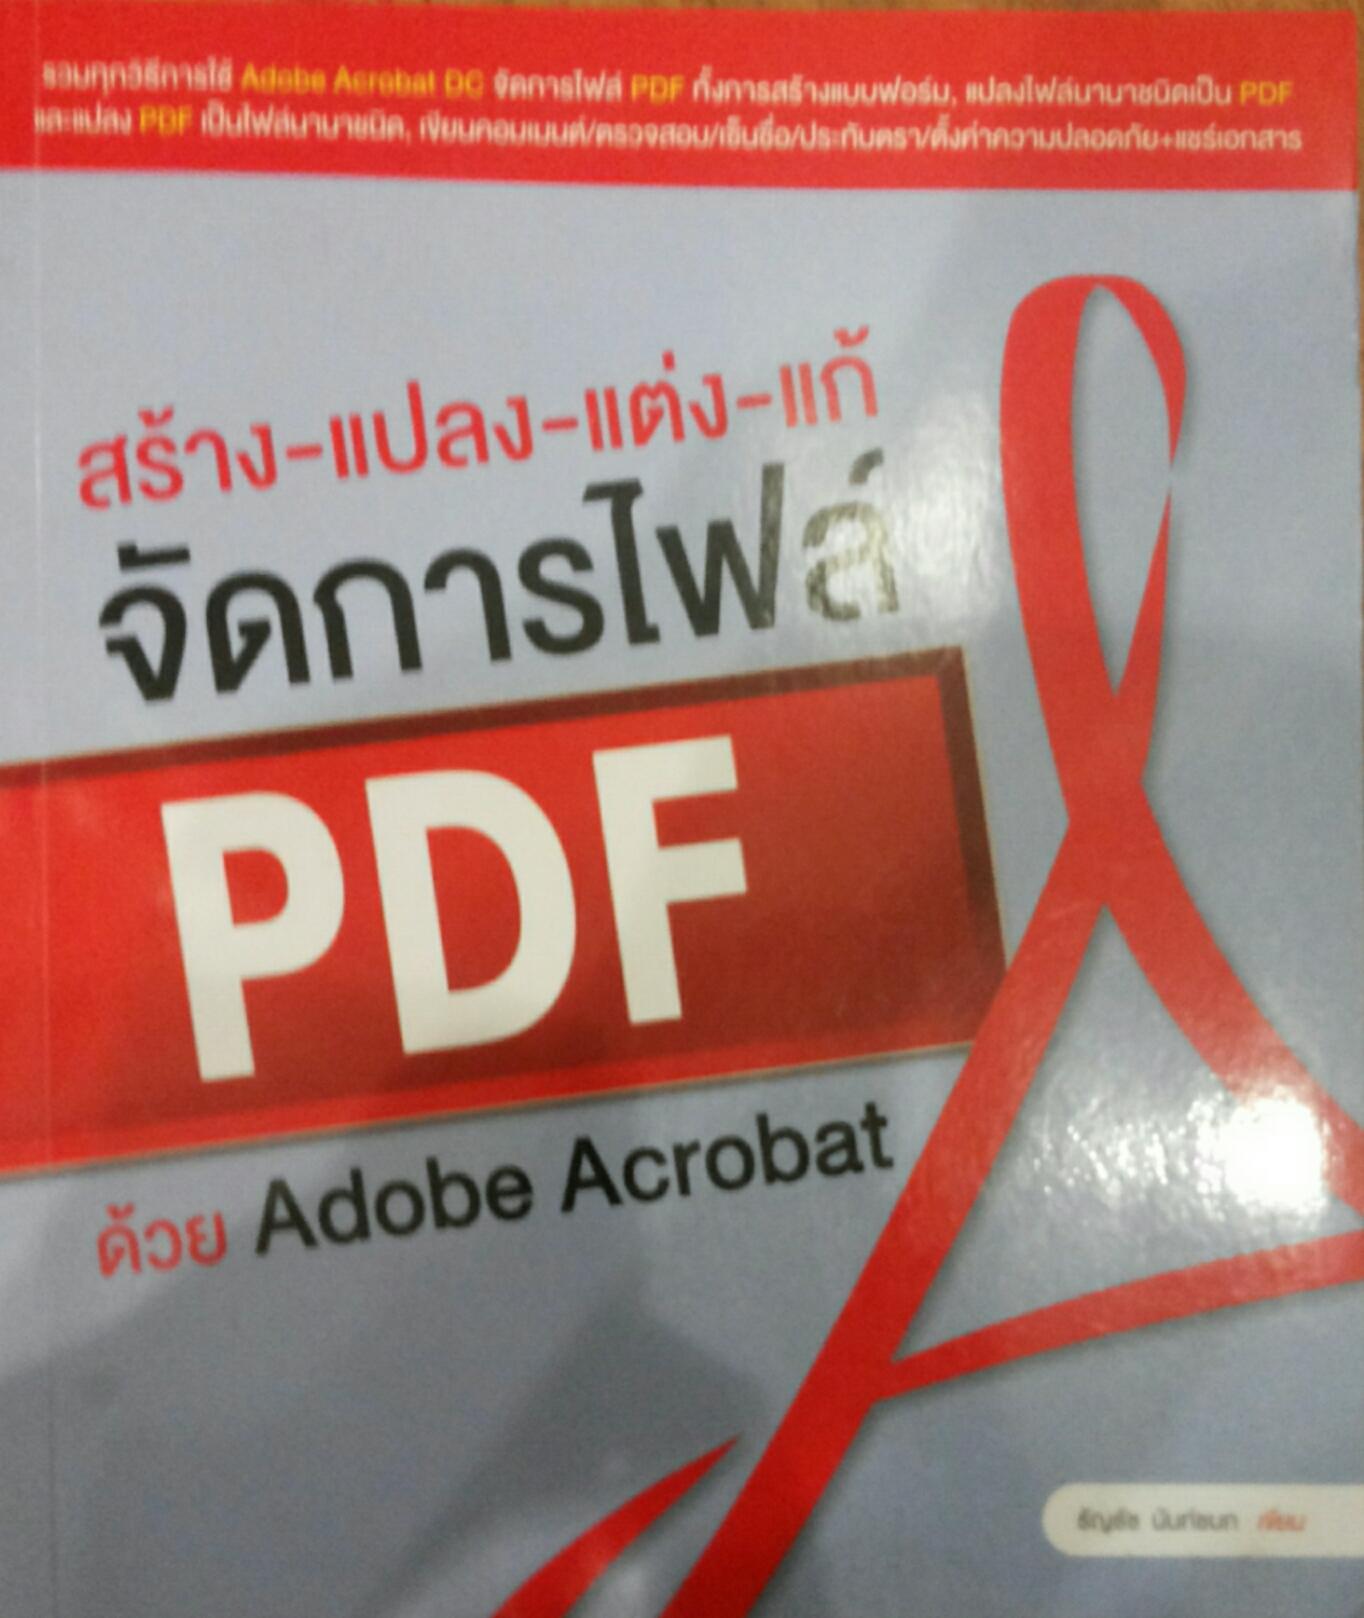 สร้าง-แปลง-แต่ง-แก้ จัดการไฟล์ PDF ด้วย Adobe Acrobat